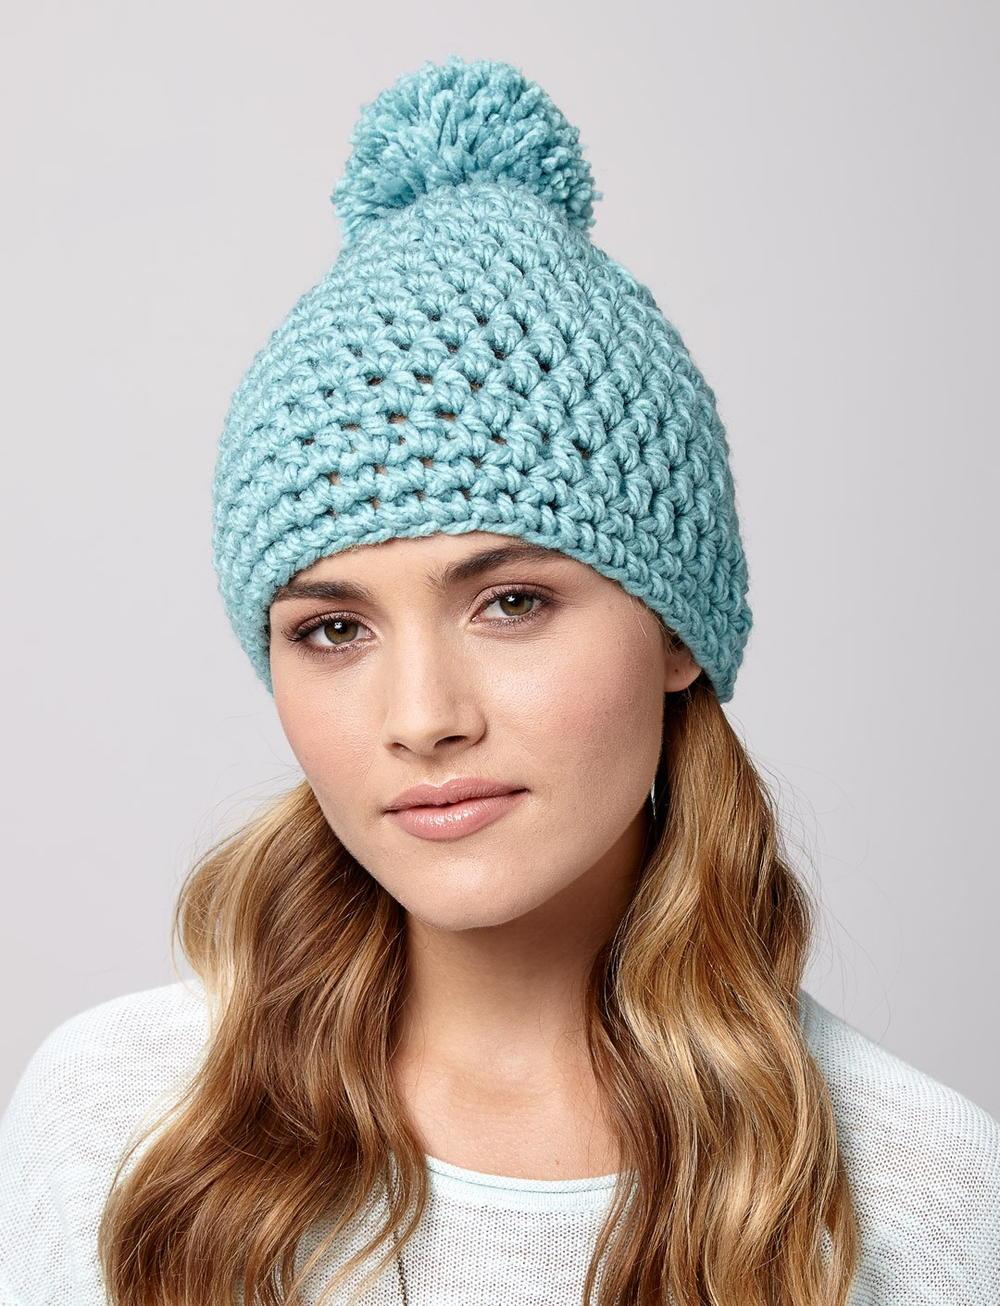 snow drift crochet hat | allfreecrochet.com LDDNSUJ